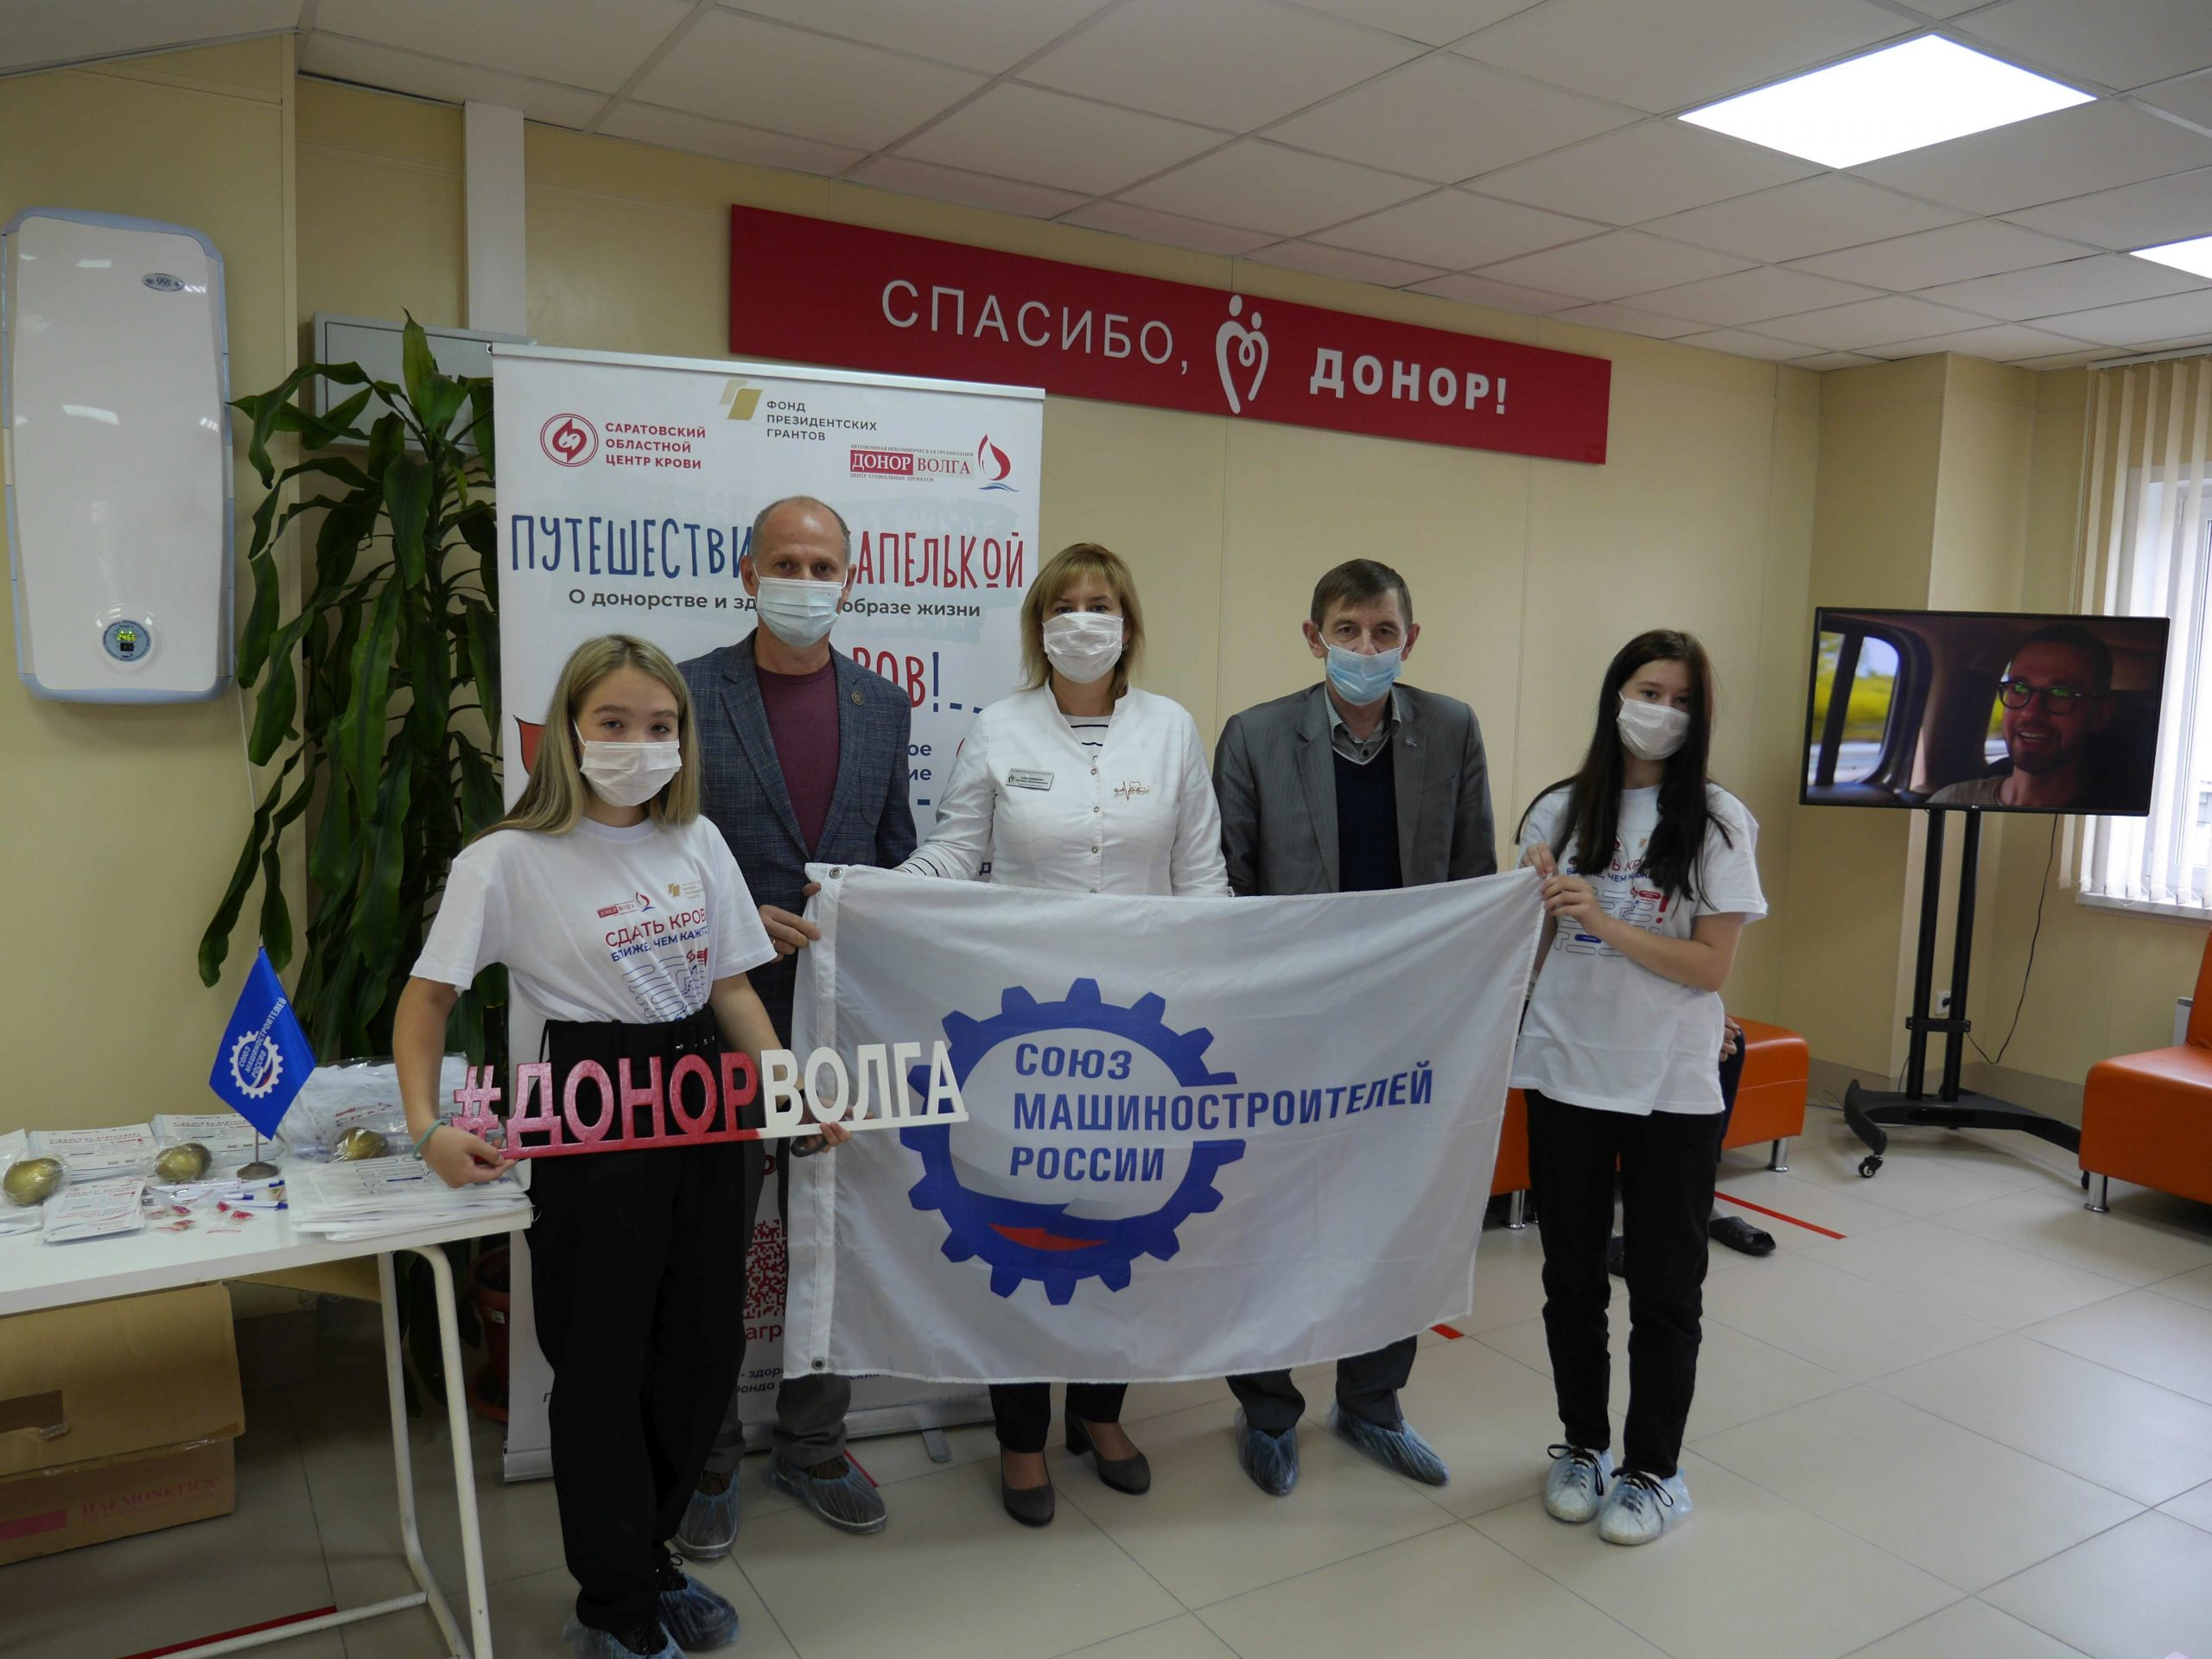 Донор Волга и Союзмаш в рамках сотрудничества и соглашения провели донорские акции